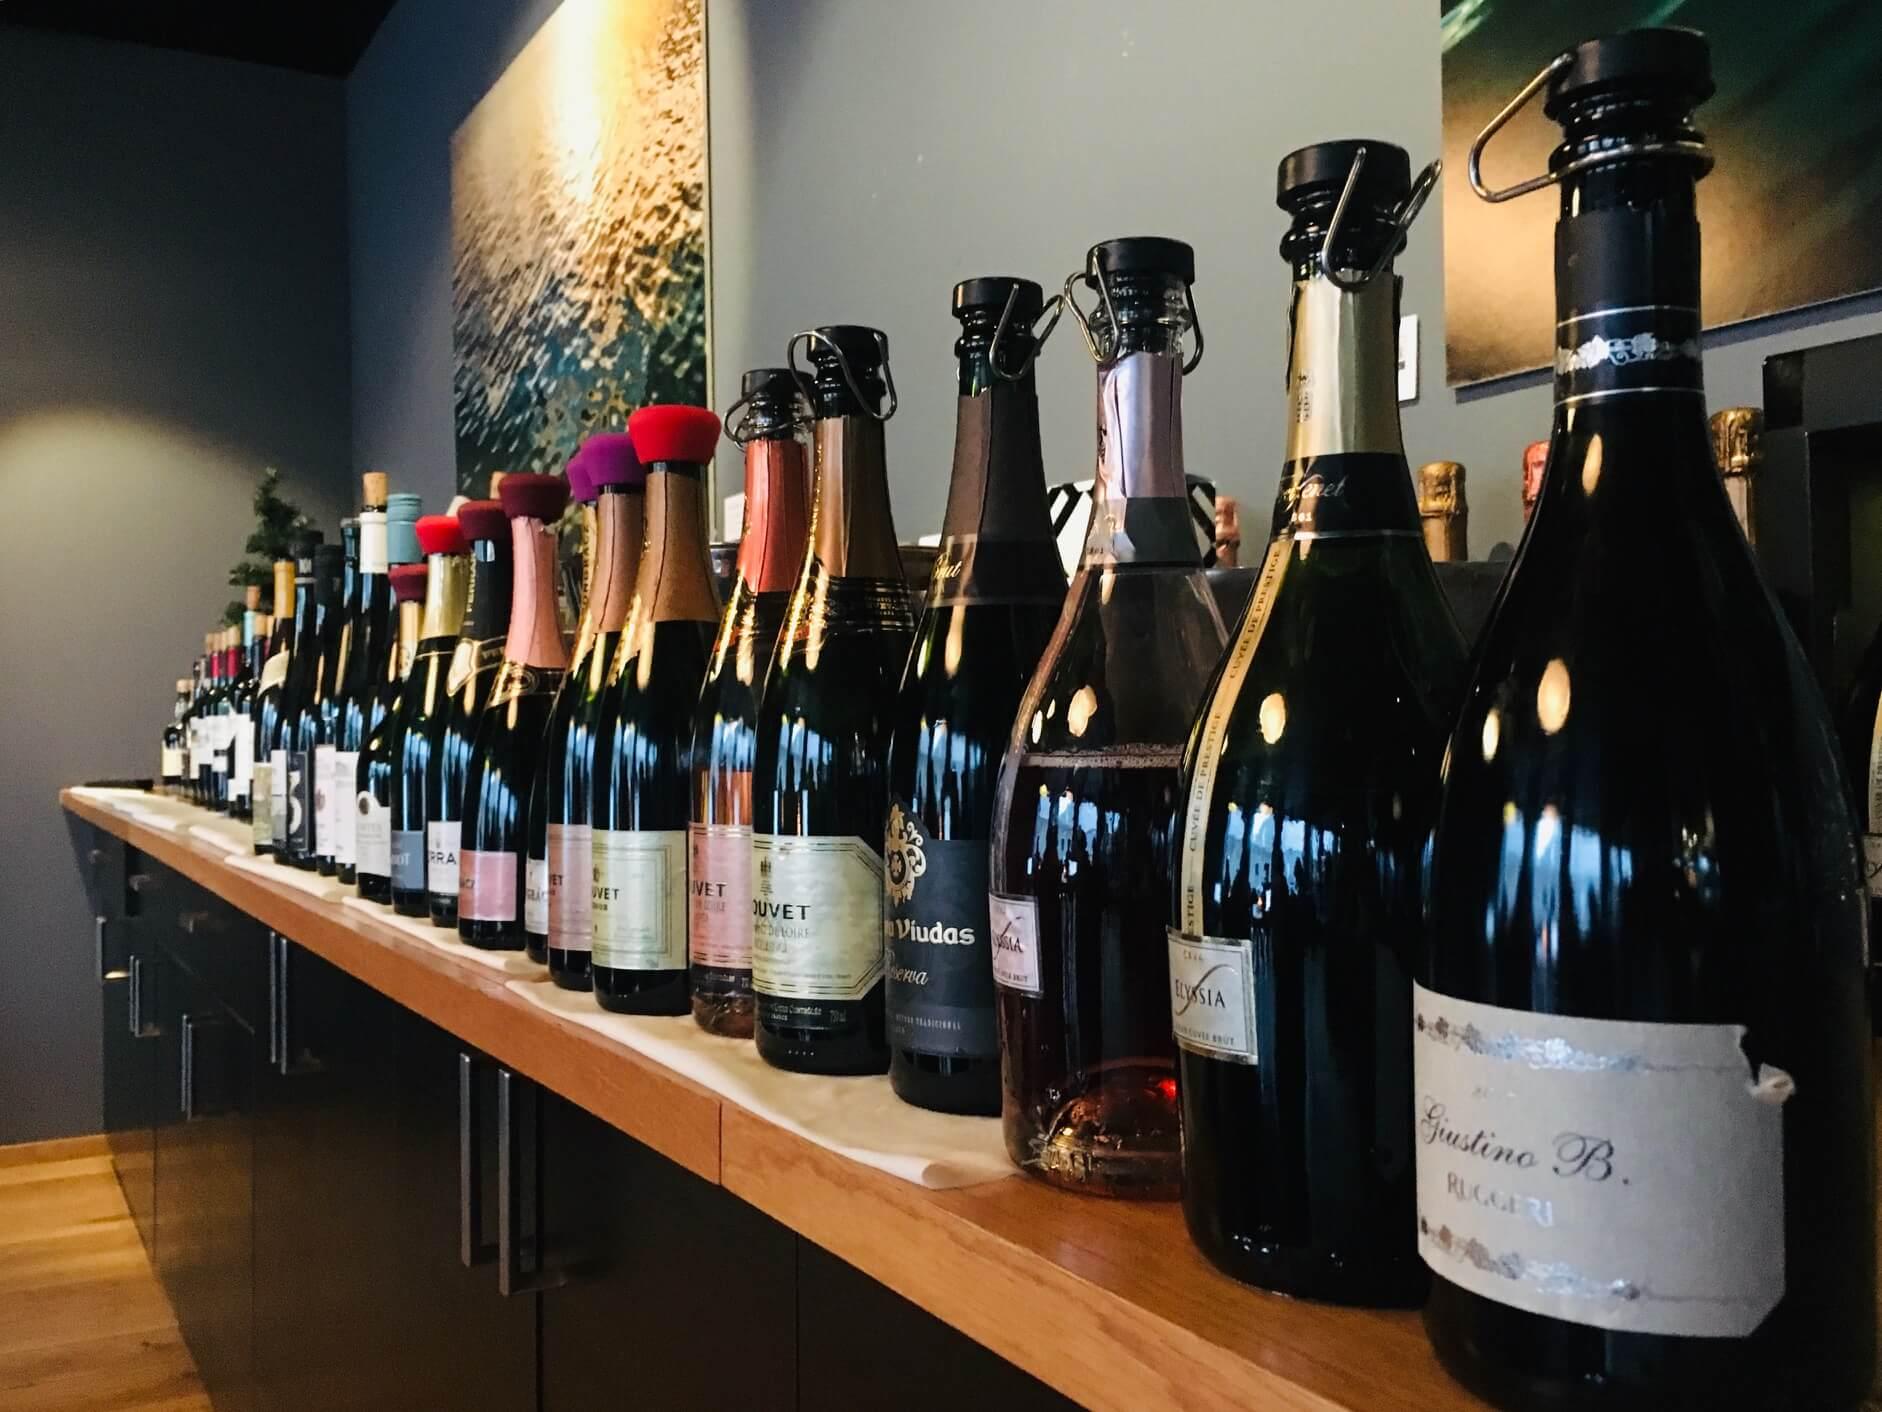 Vinterens tax-free kupp på vin